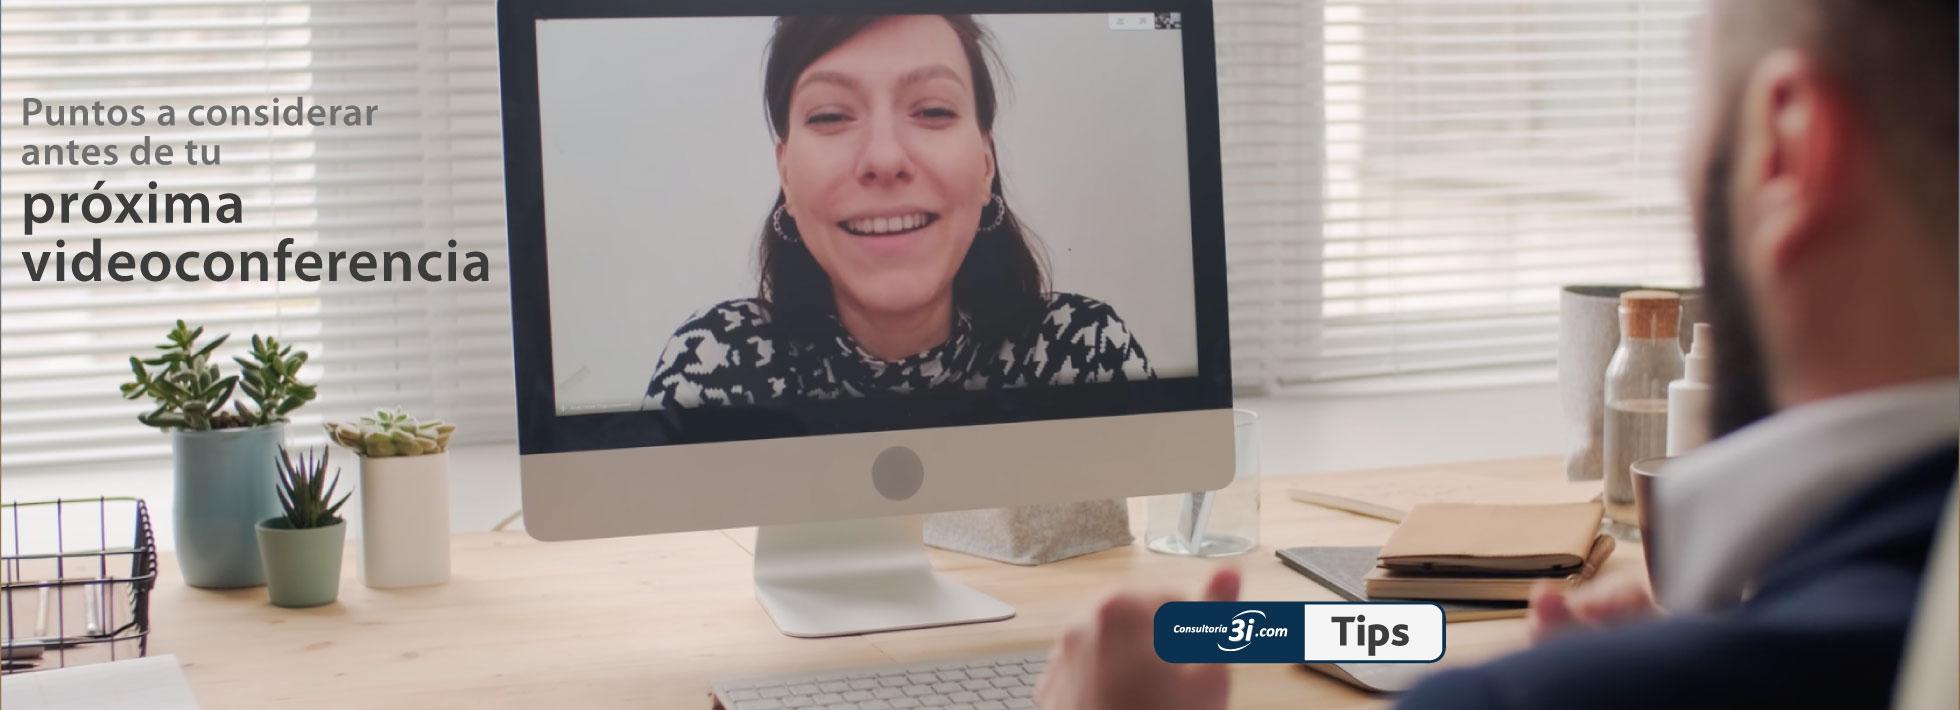 Consejos para una videoconferencia profesional en casa